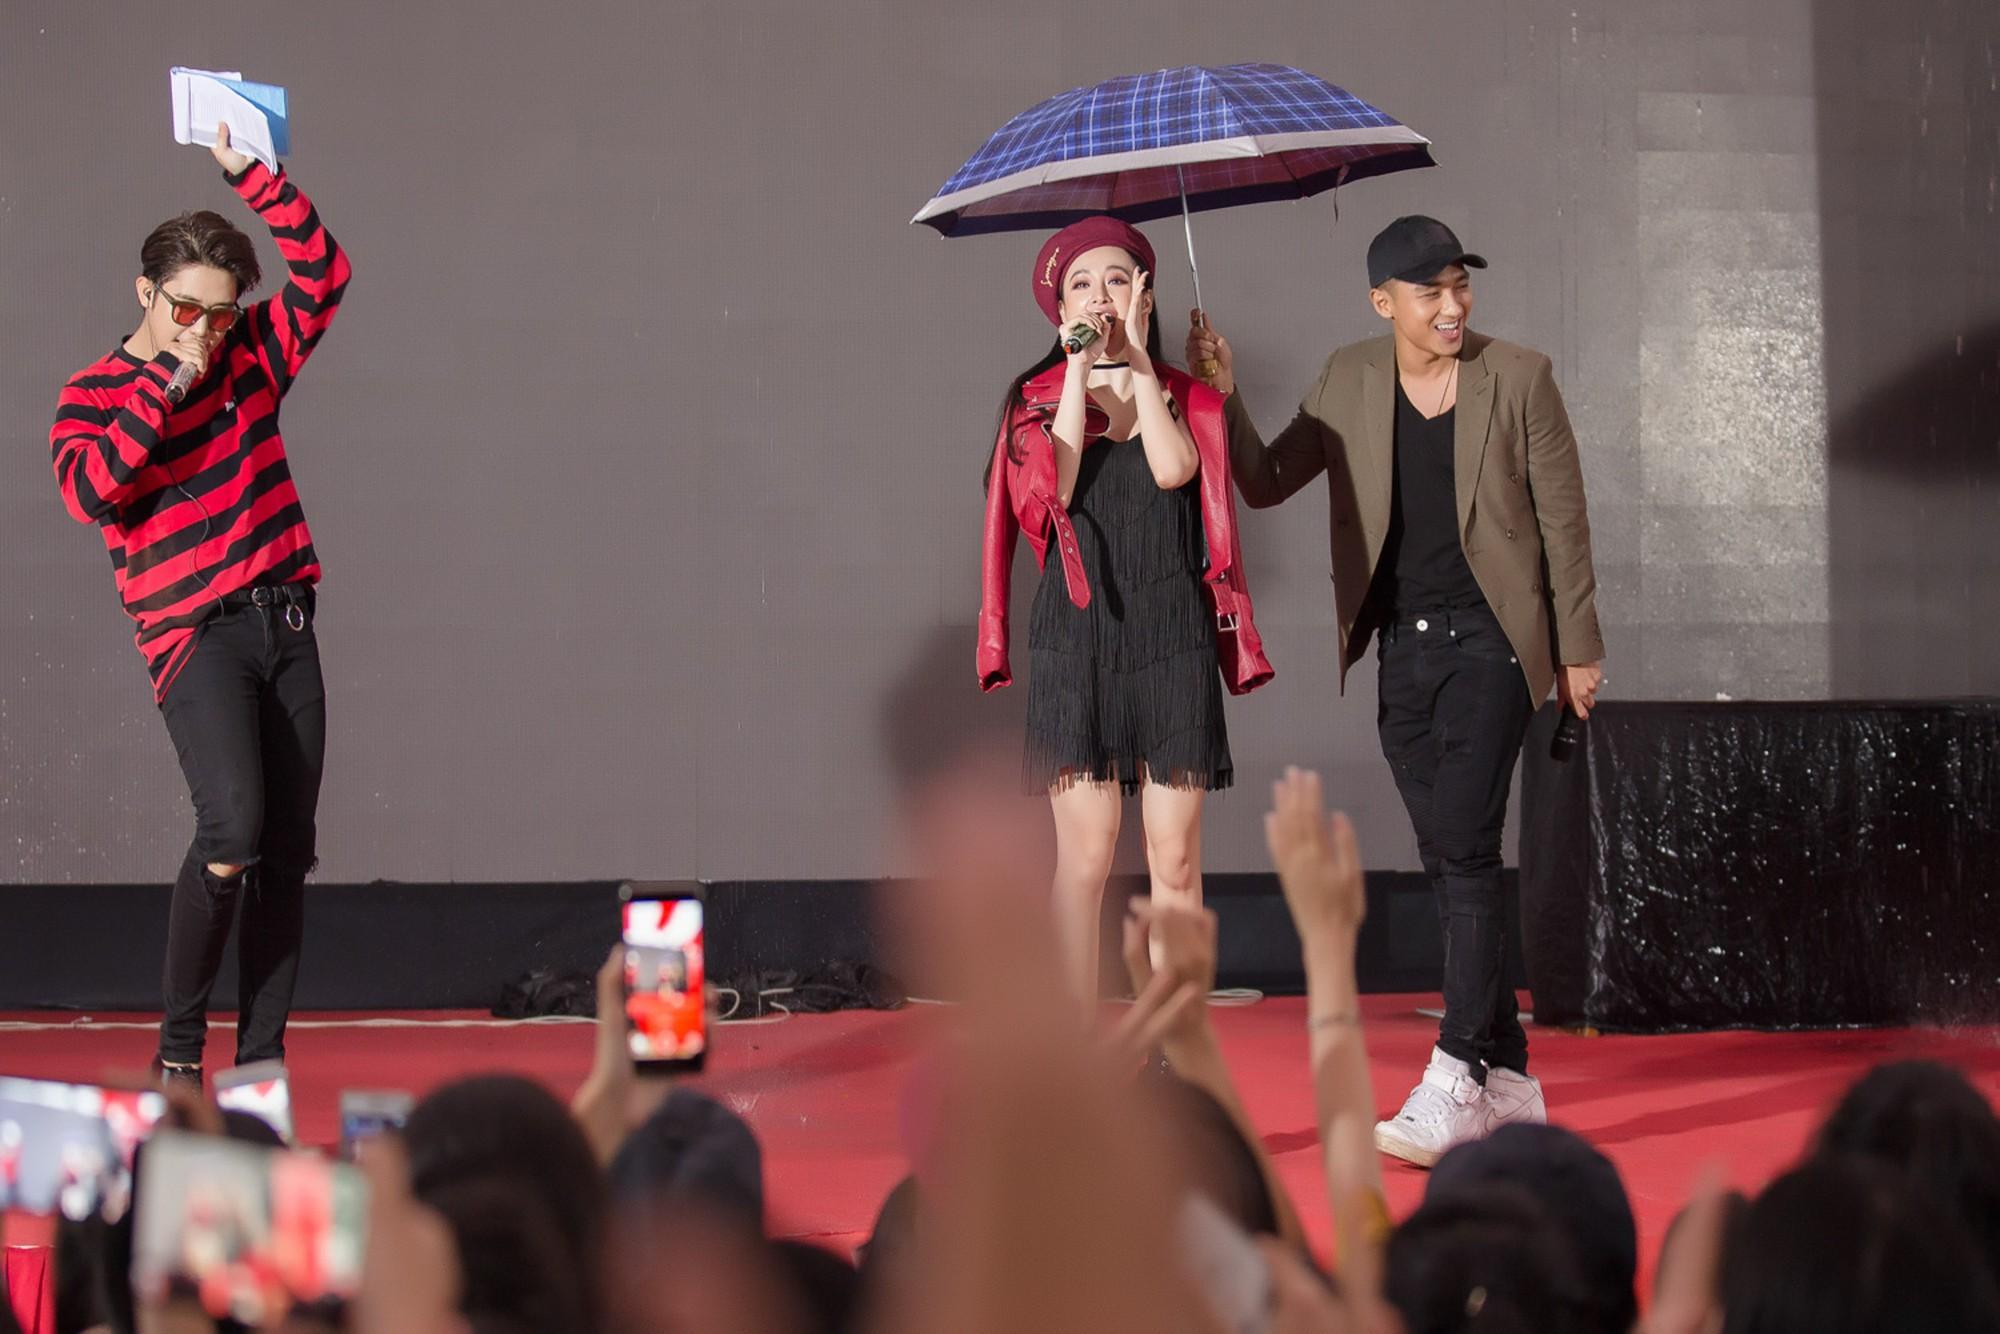 Hữu Vi khoá môi Angela Phương Trinh say đắm giữa trời mưa trước mặt khán giả - Ảnh 1.